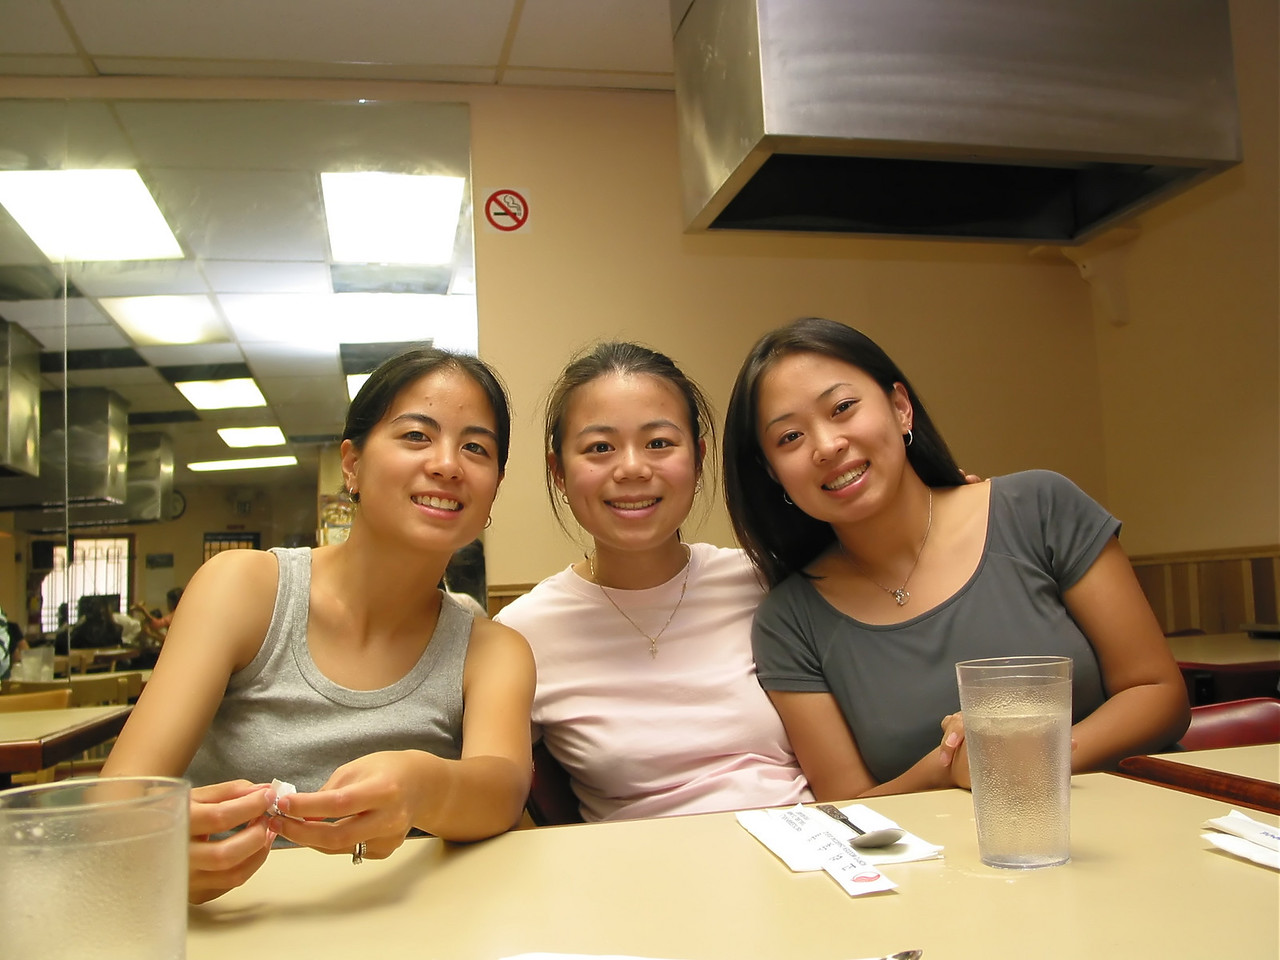 2004 08 06 Friday - Audrey, Annie, & Julie @ Koryo's BBQ